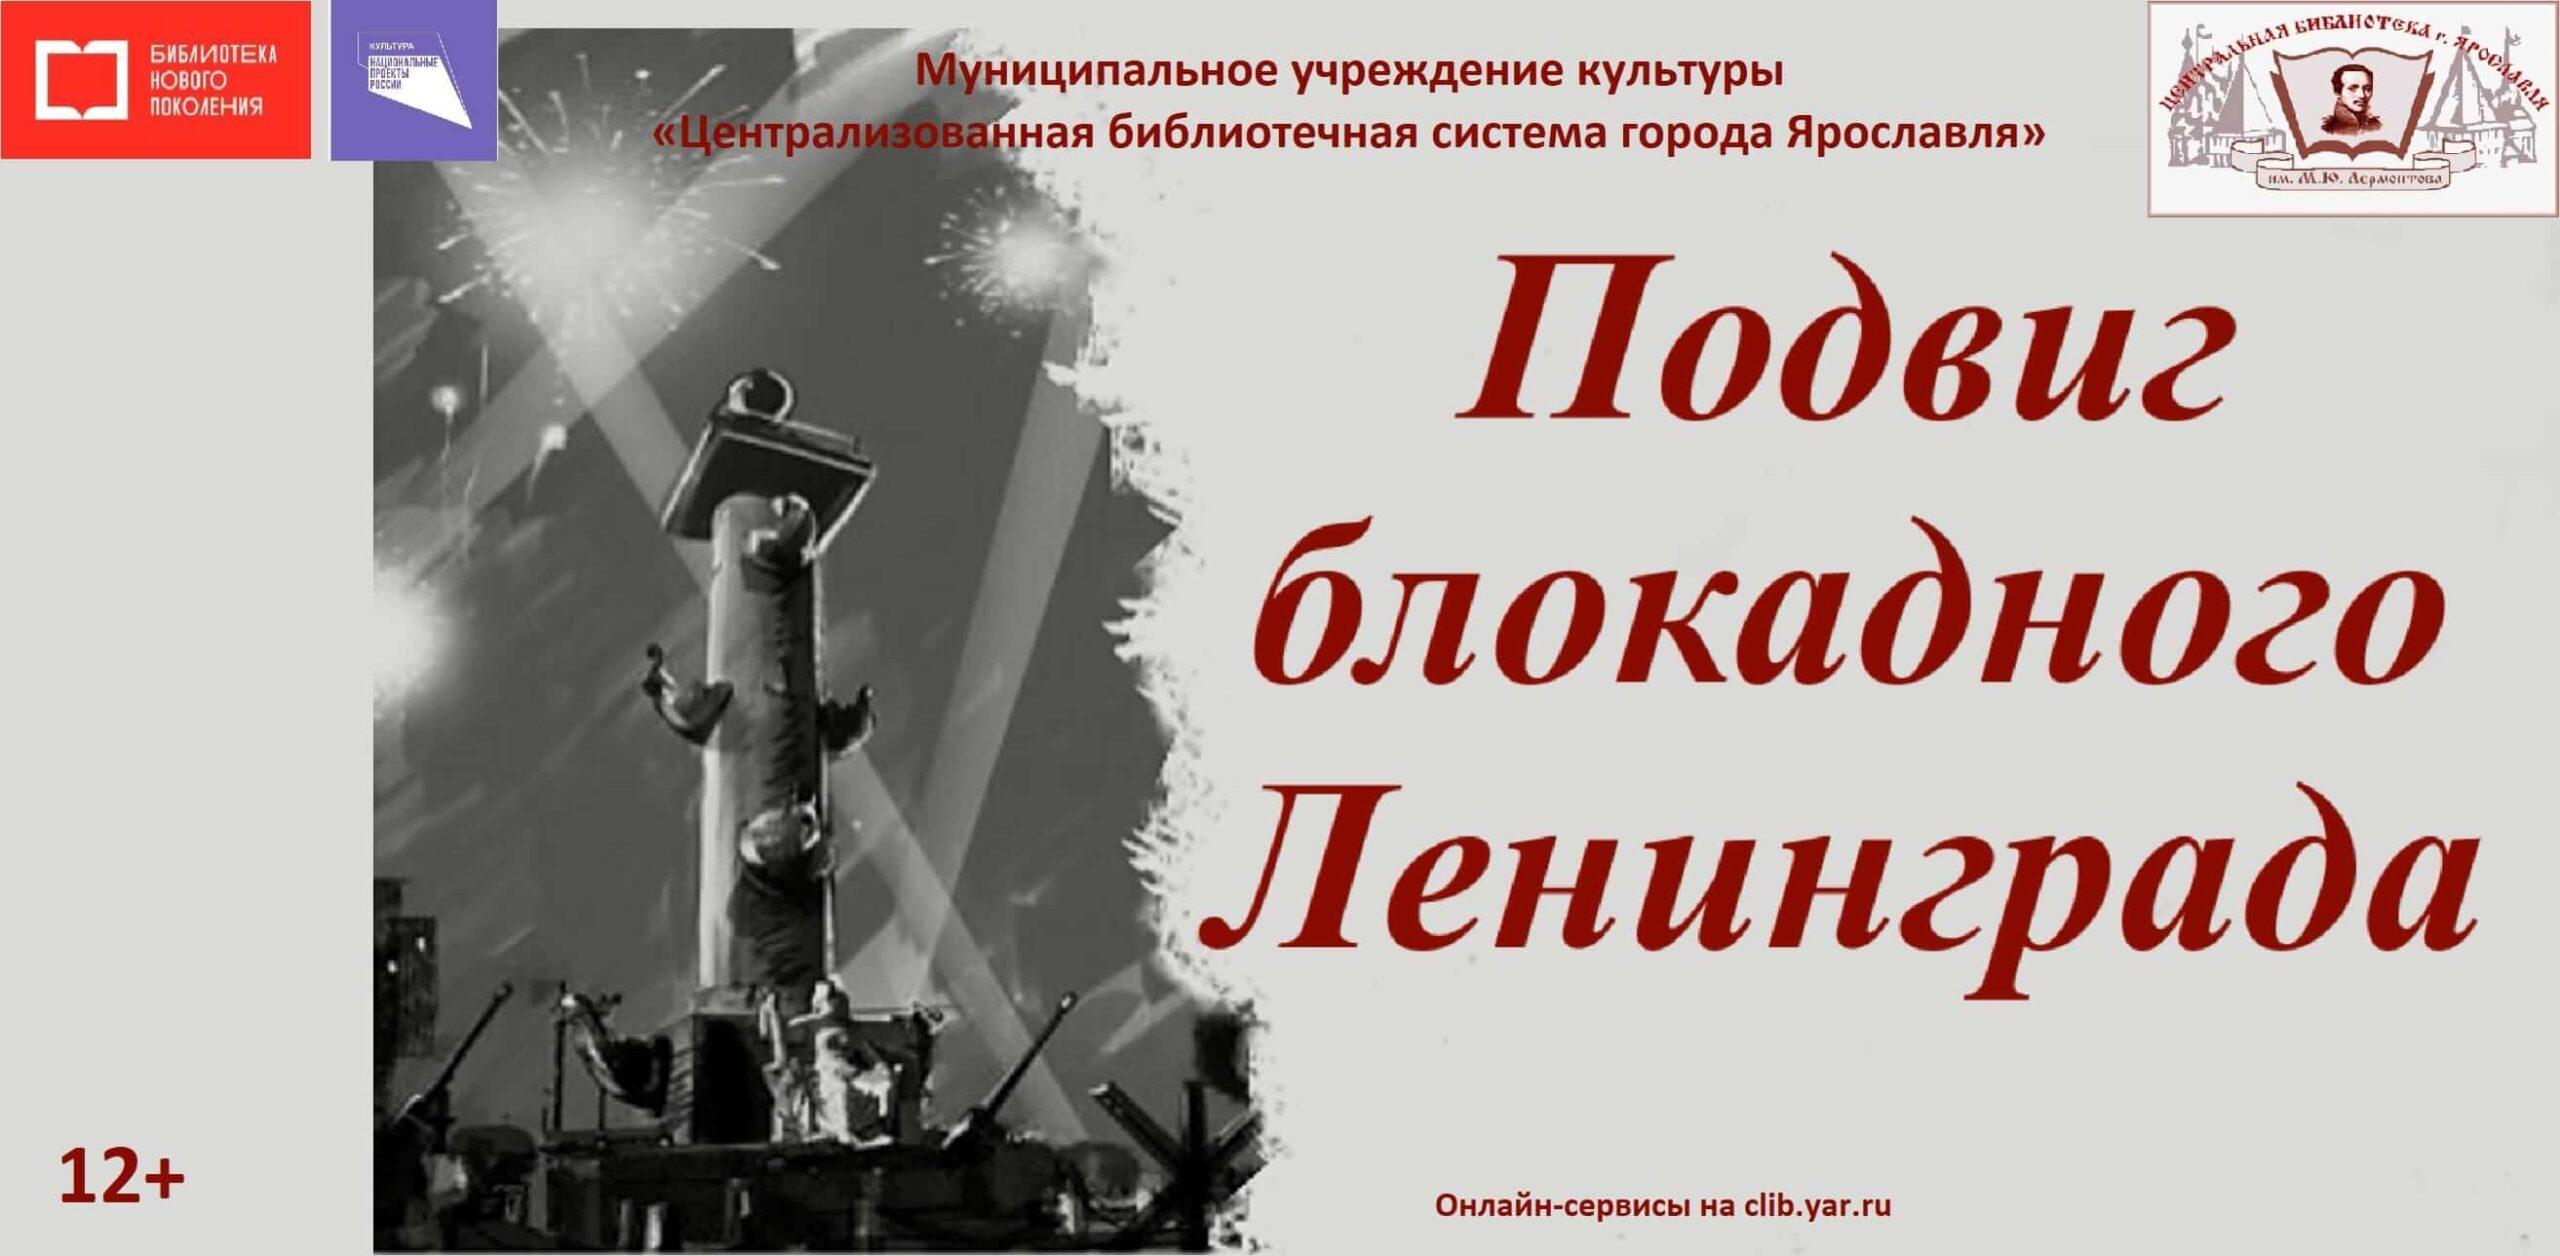 Видеопрезентация «Подвиг блокадного Ленинграда»